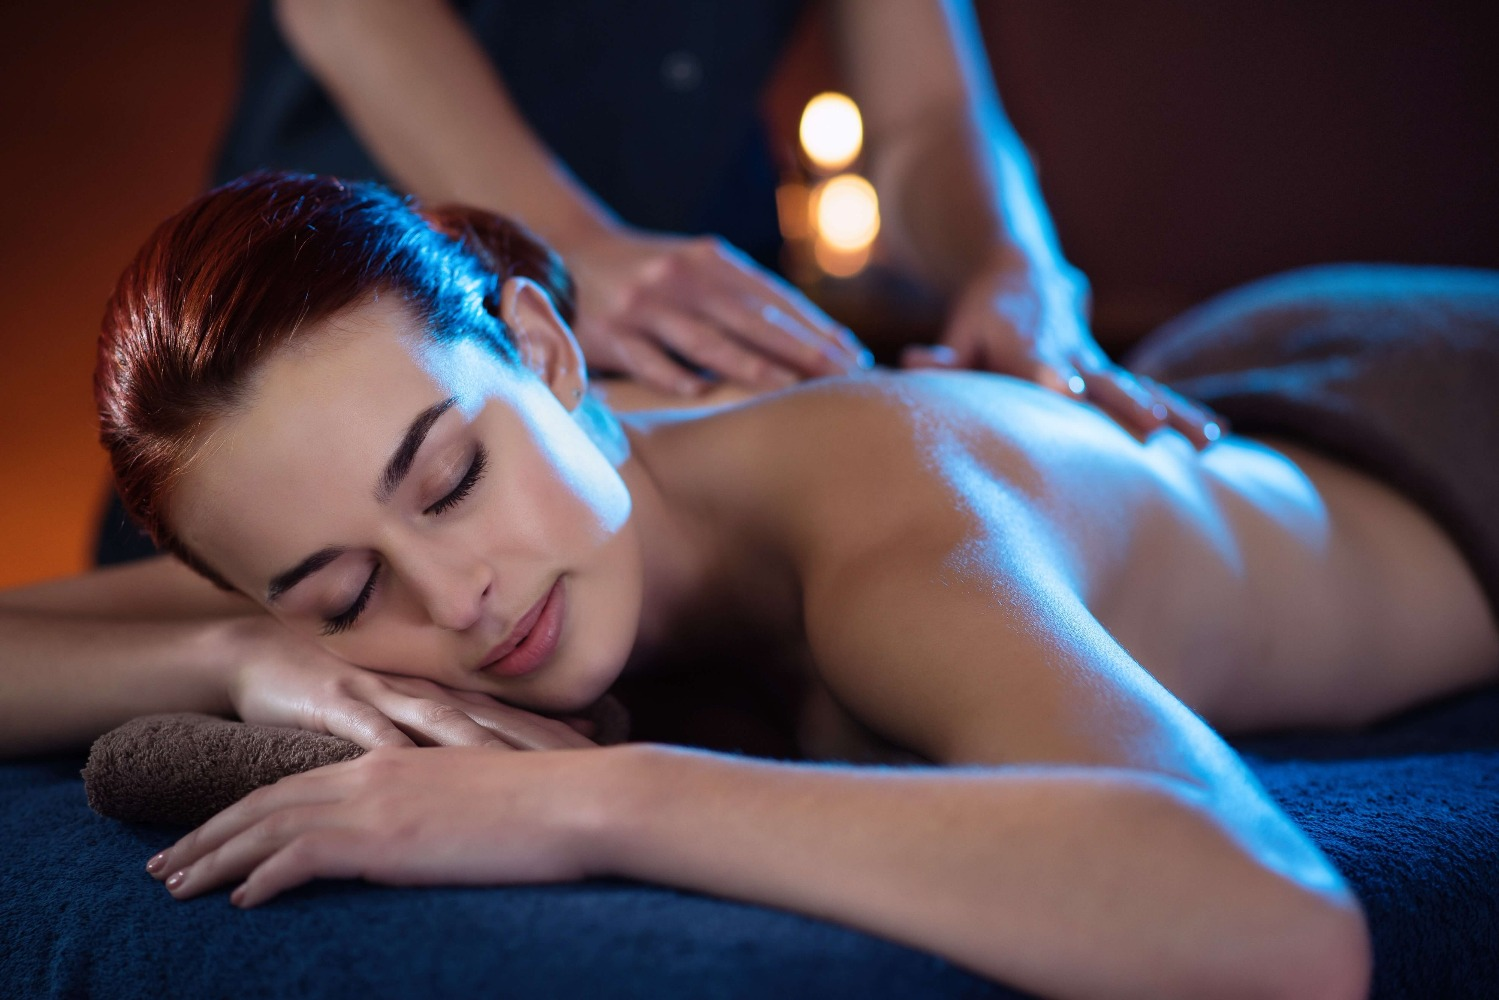 Kurzy tantra masáž